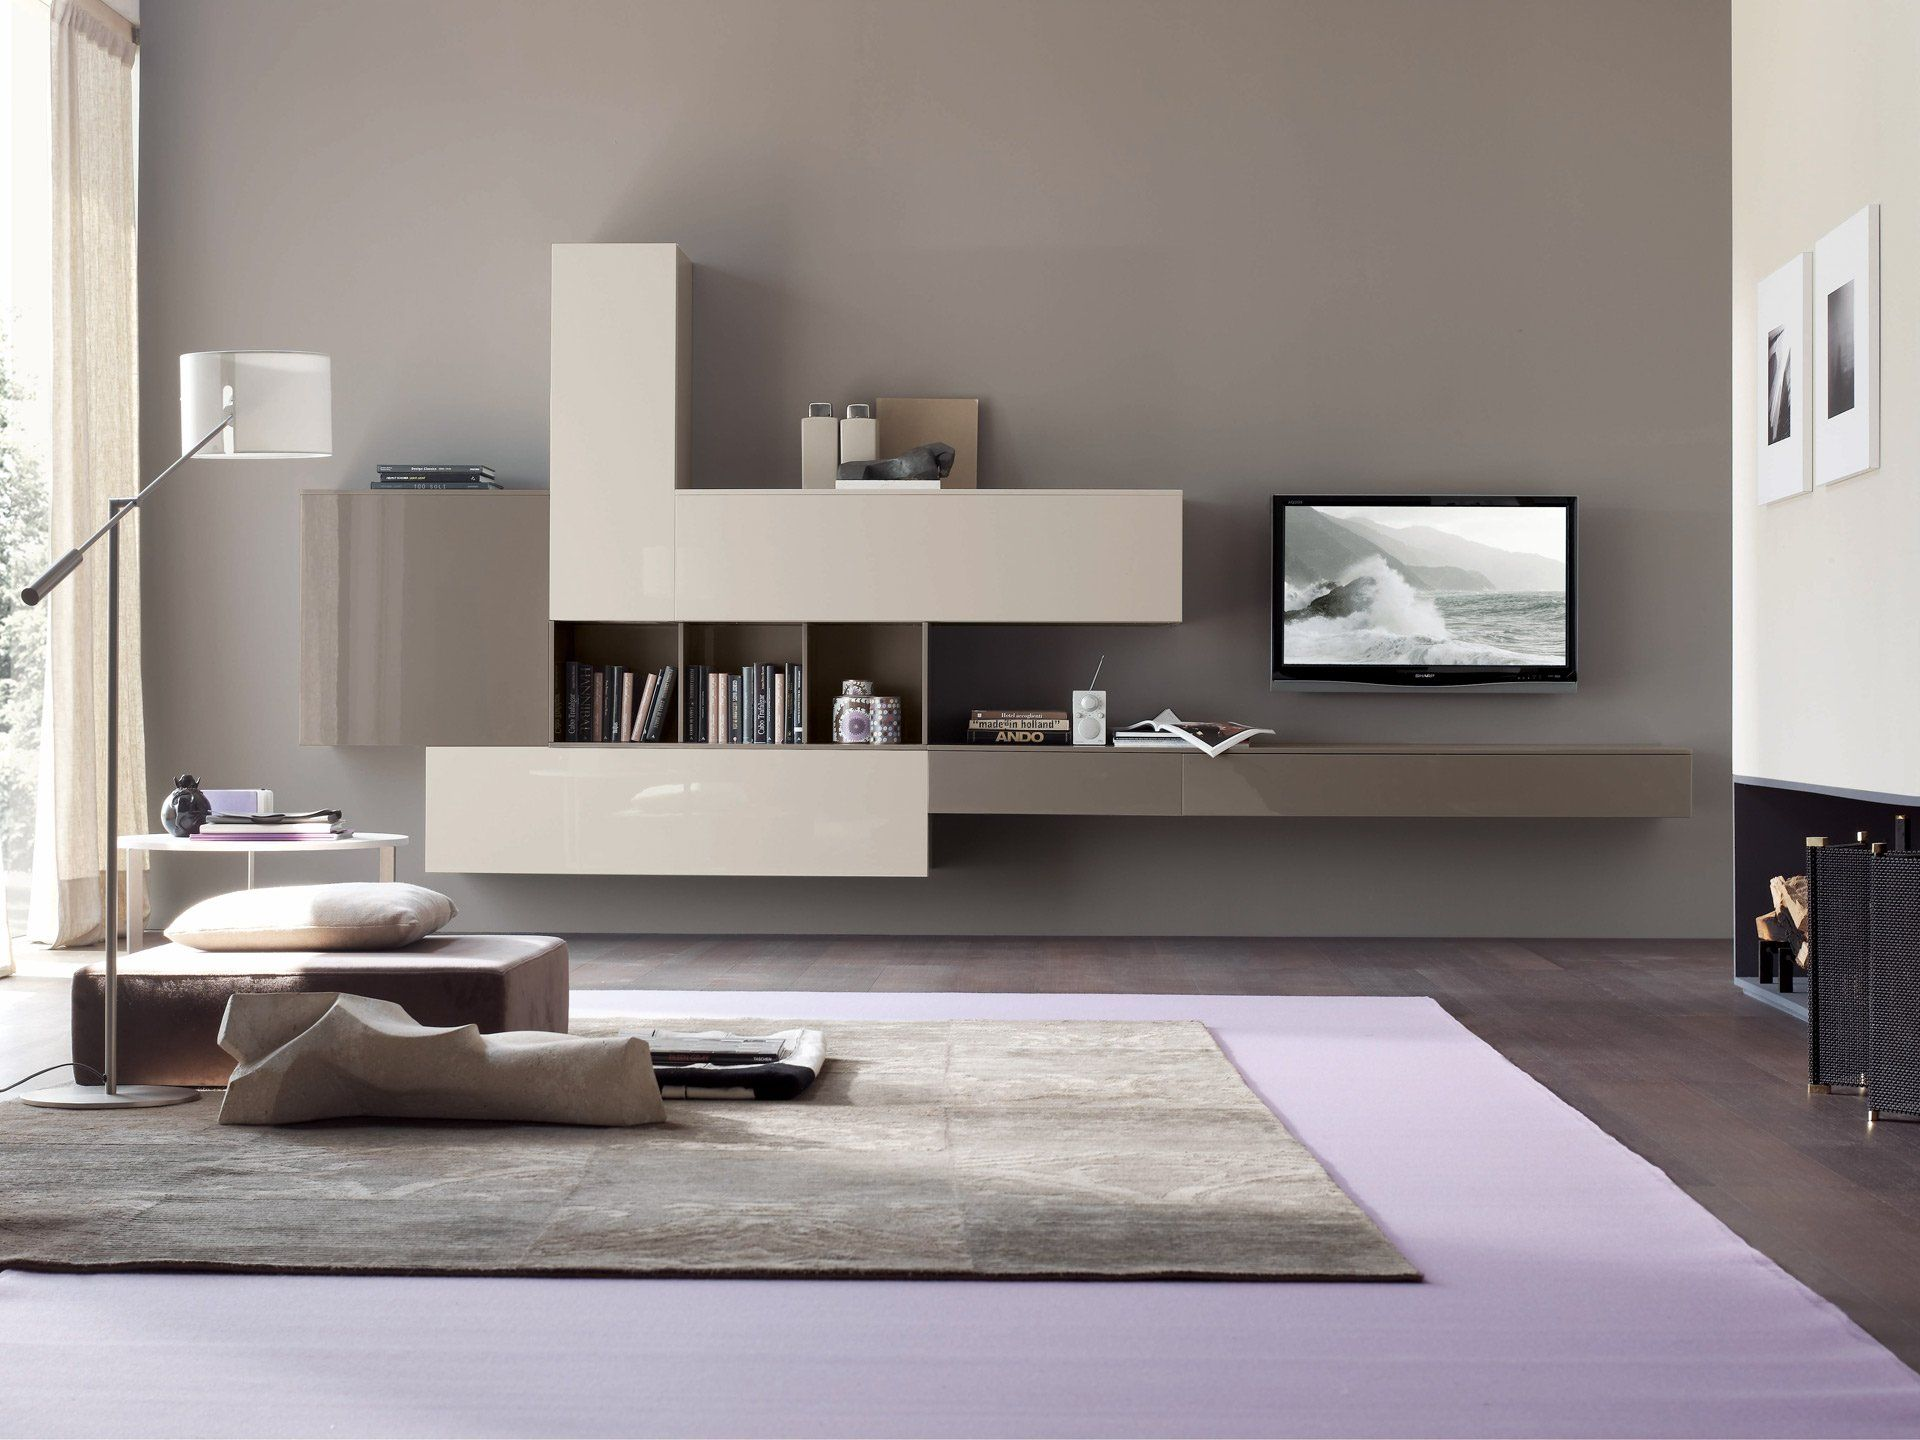 Ikea mobiletti cucina componibili - Mobiletti ikea cucina ...